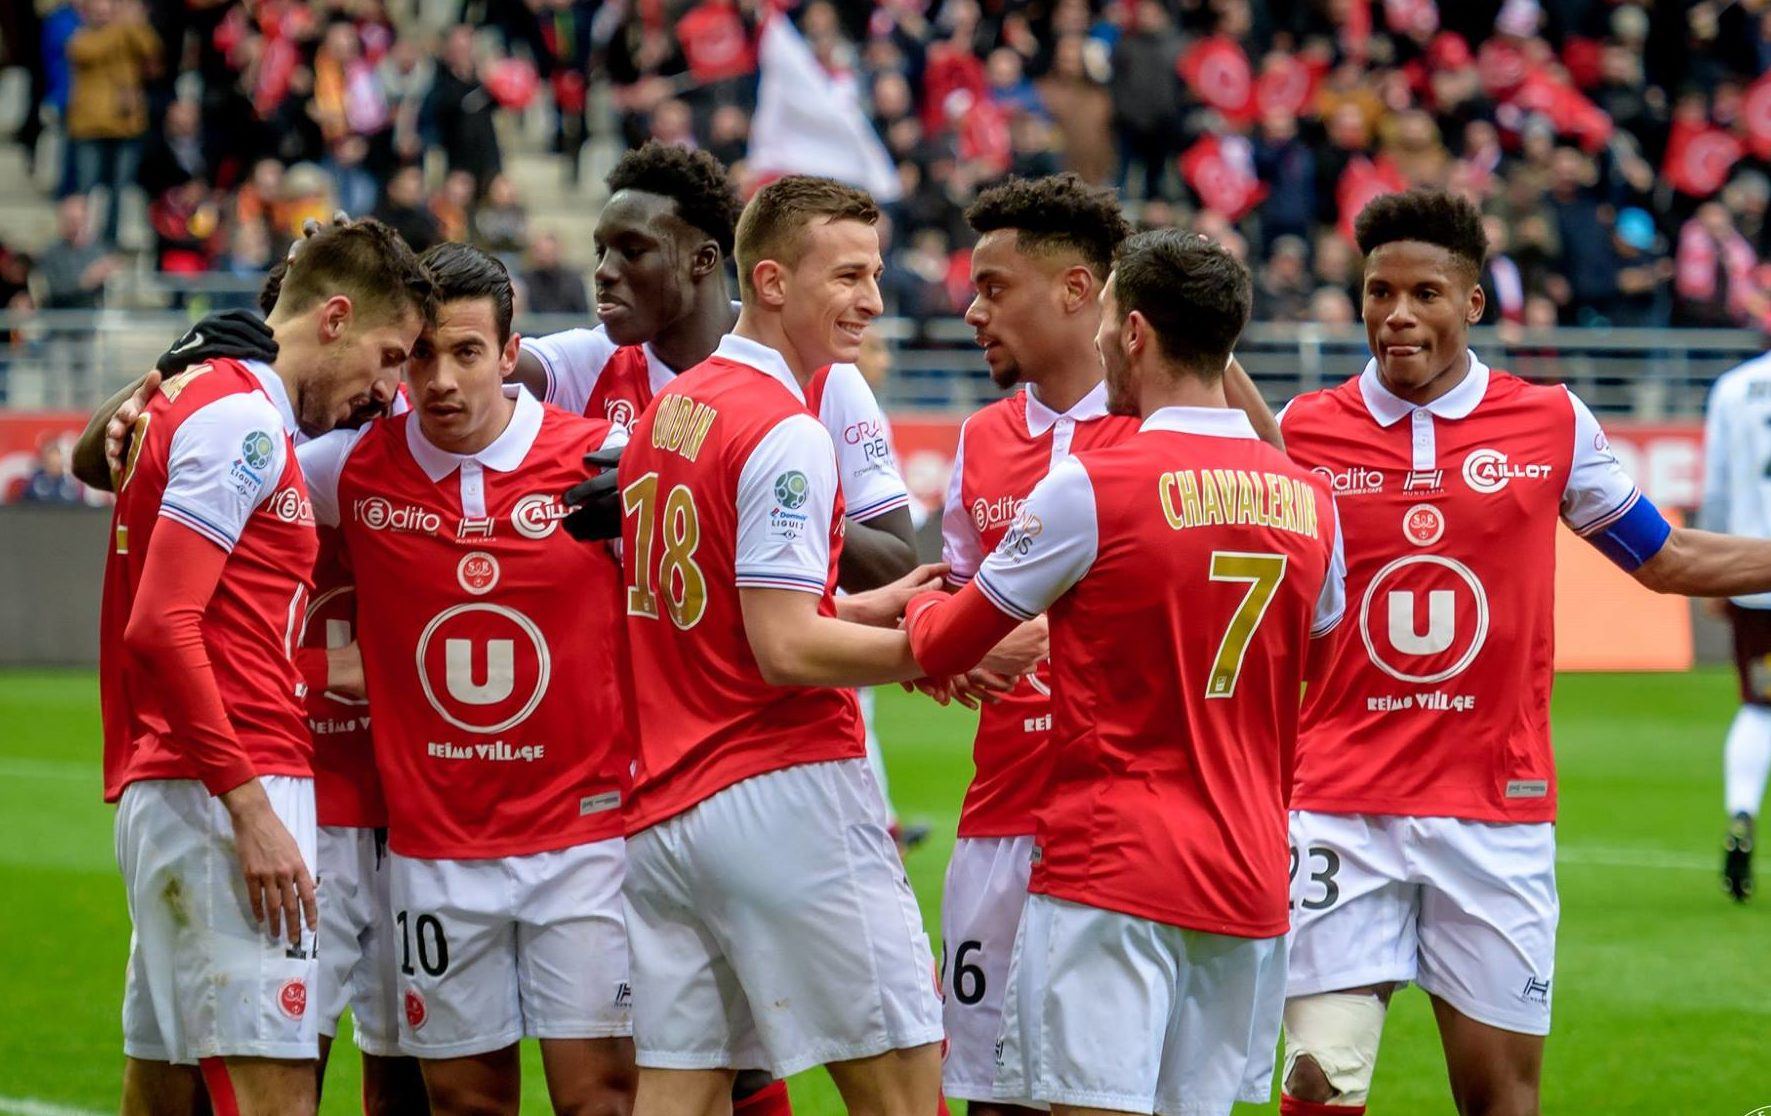 Reims-Montpellier 19 ottobre: il pronostico del match di Ligue 1